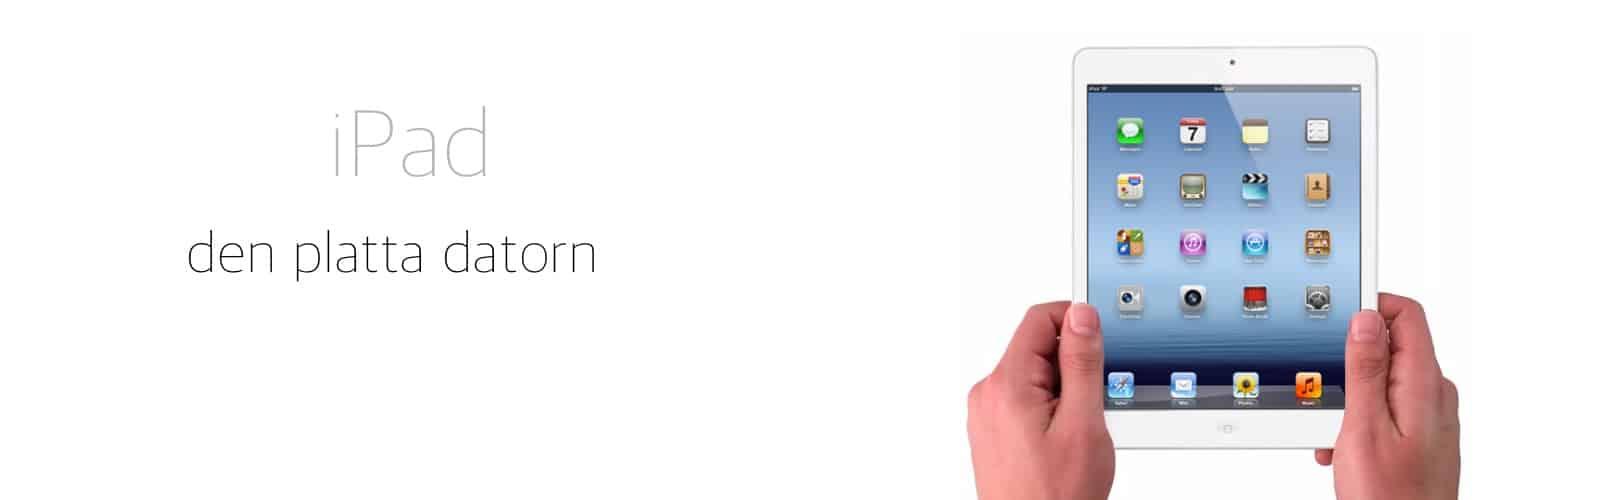 Ny penna och nya iPad-modeller